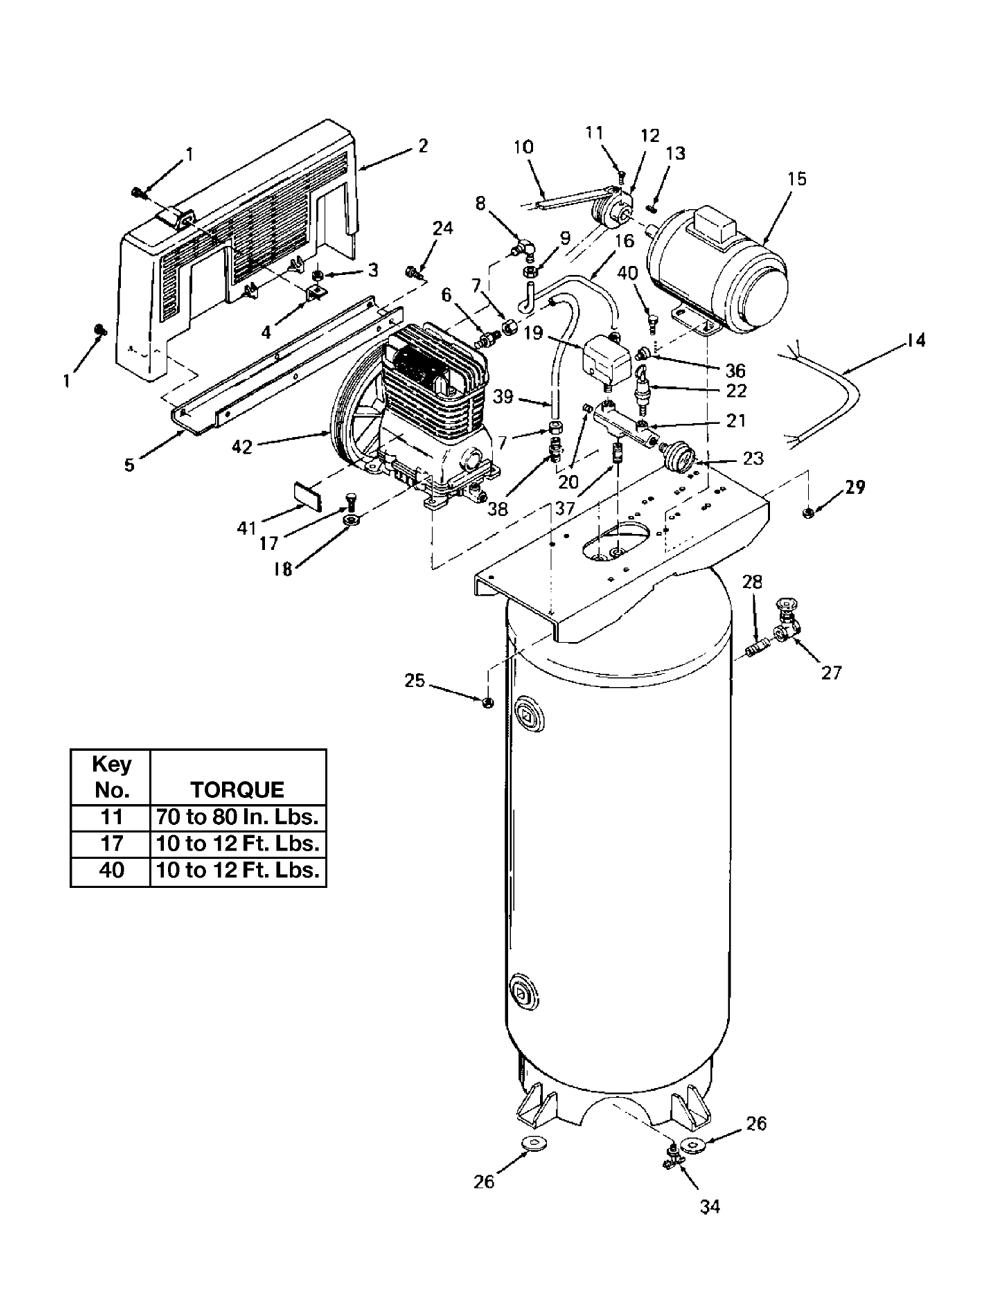 IRL6560V-Devilbiss-T0-PB-1Break Down